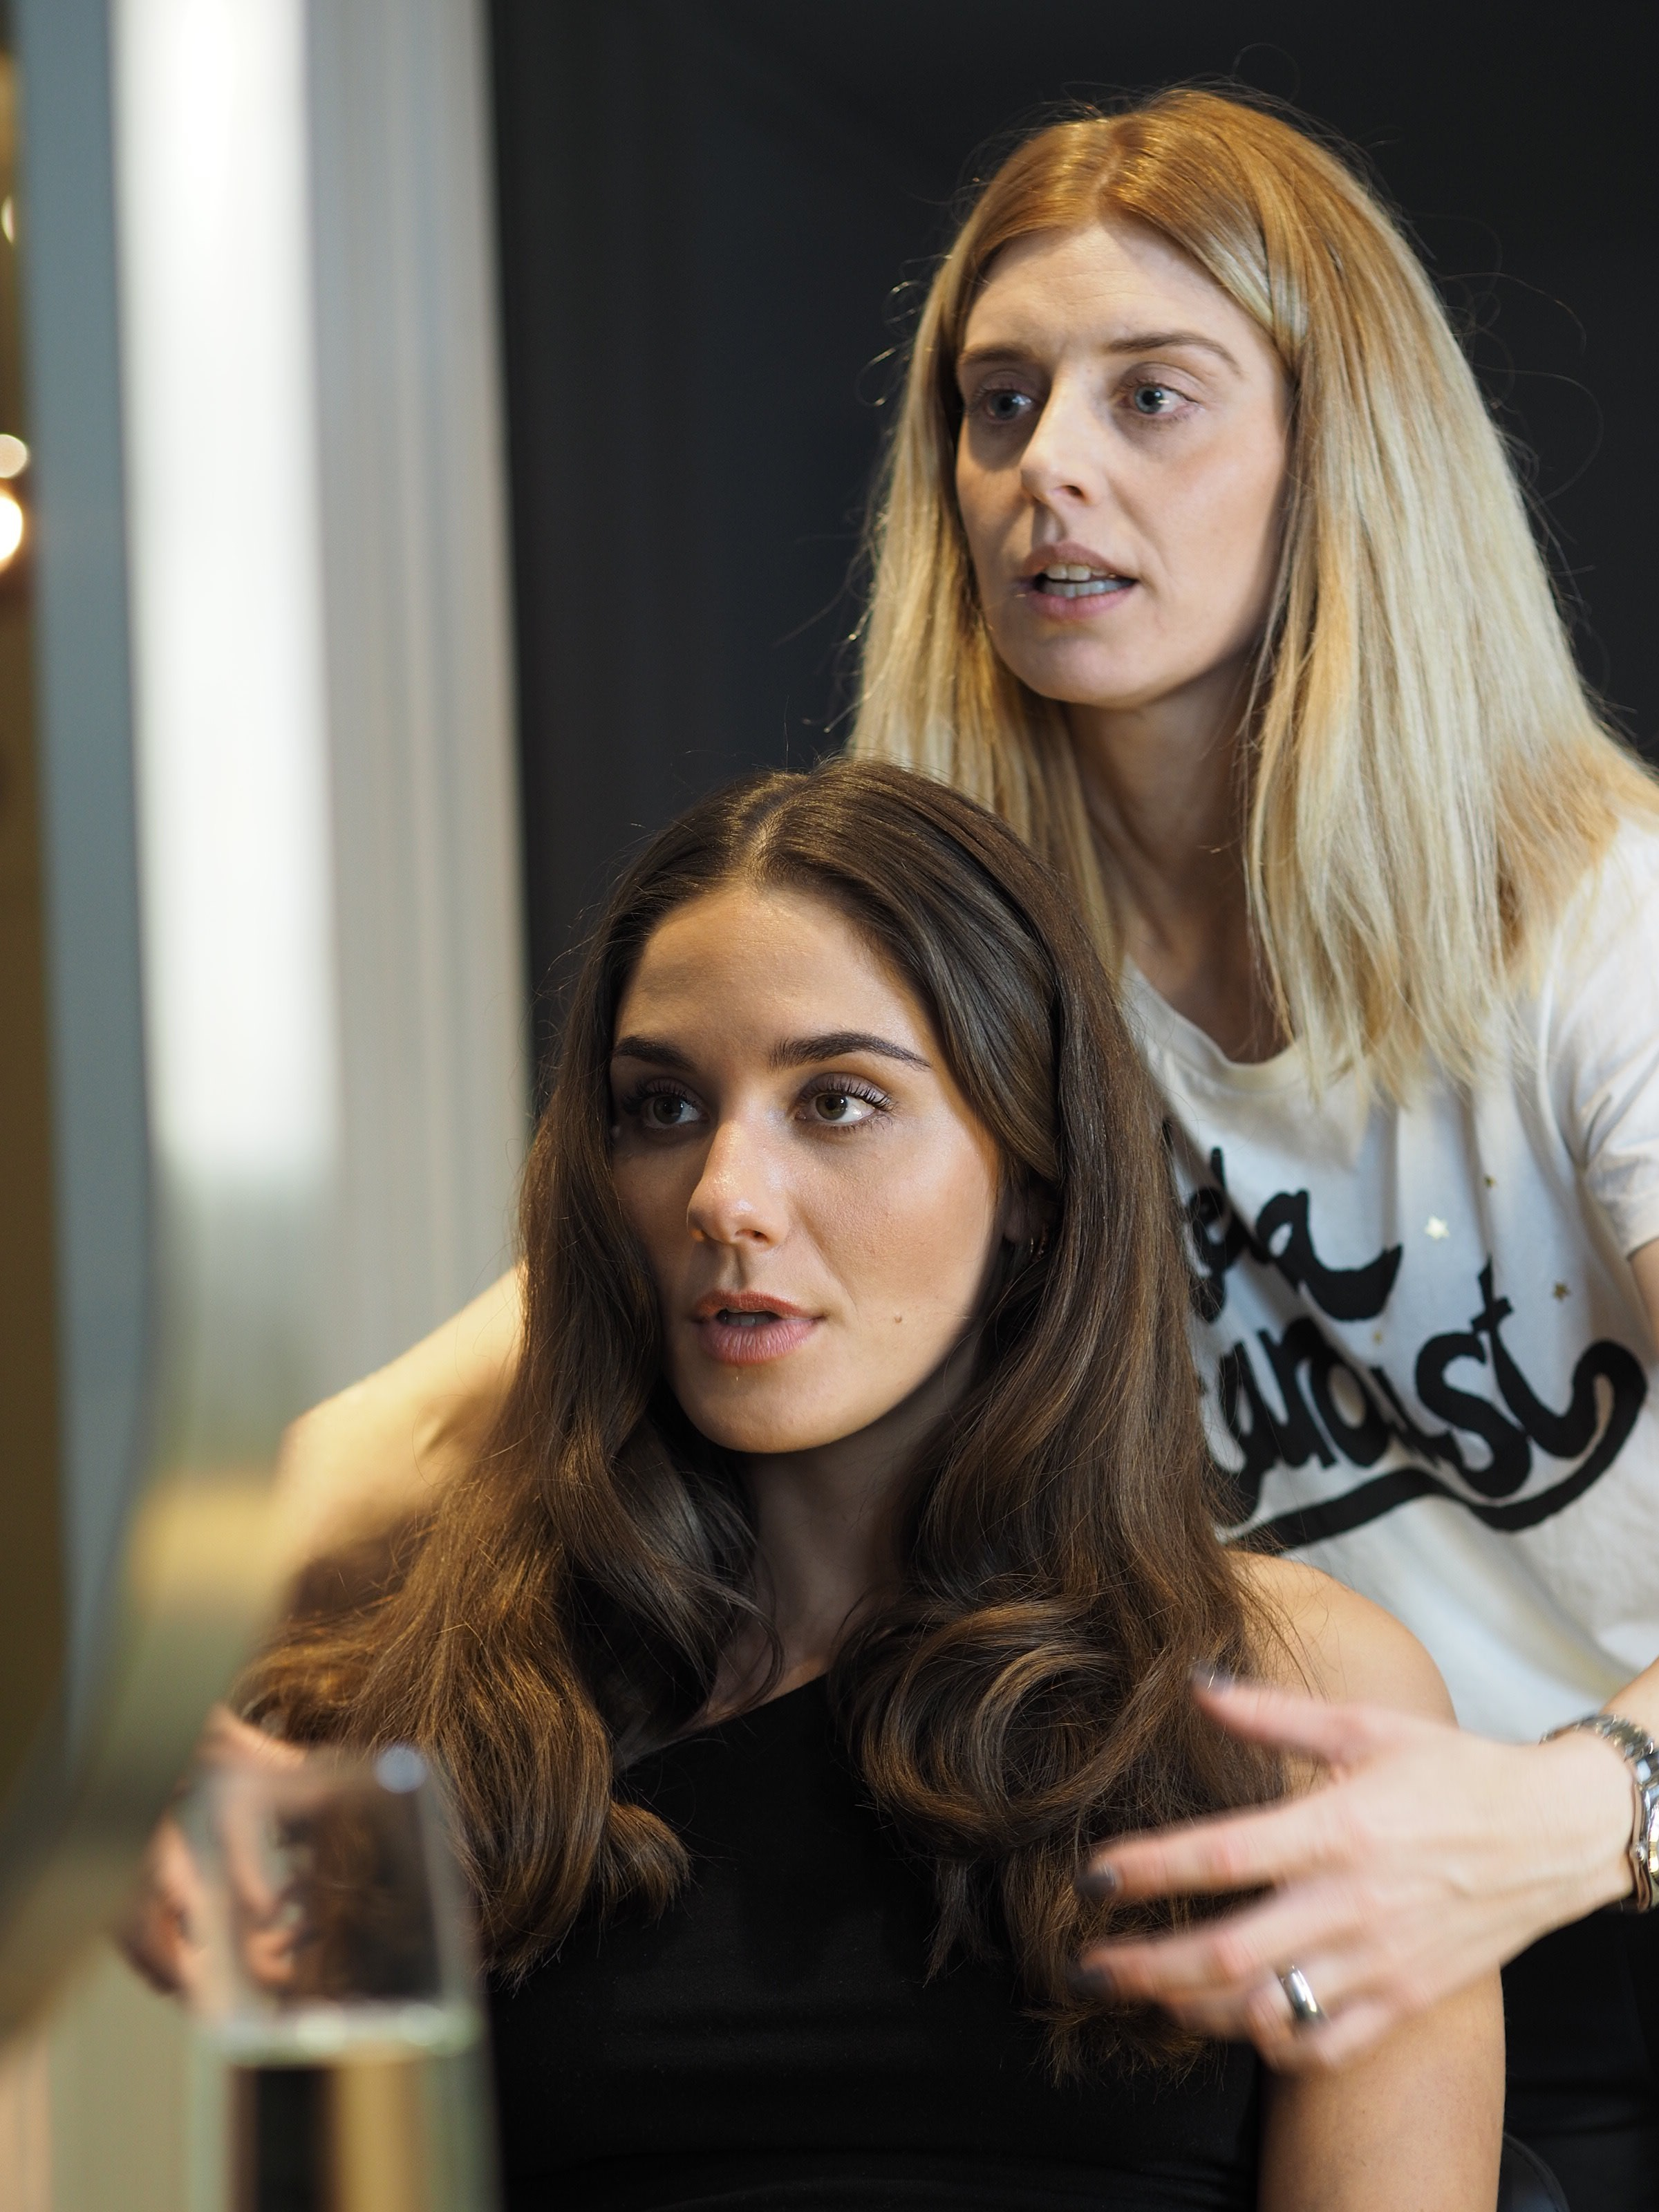 - Andrea Fonnesbek Schyberg, er stifteren bag Fonnesbek Hair. Andrea har mere end 10 års erfaring indenfor frisørfaget og arbejder kreativt og nyskabende. Hun har tidligere været selvstændig i Lyngby og tager jævnligt kurser i ind og udland.